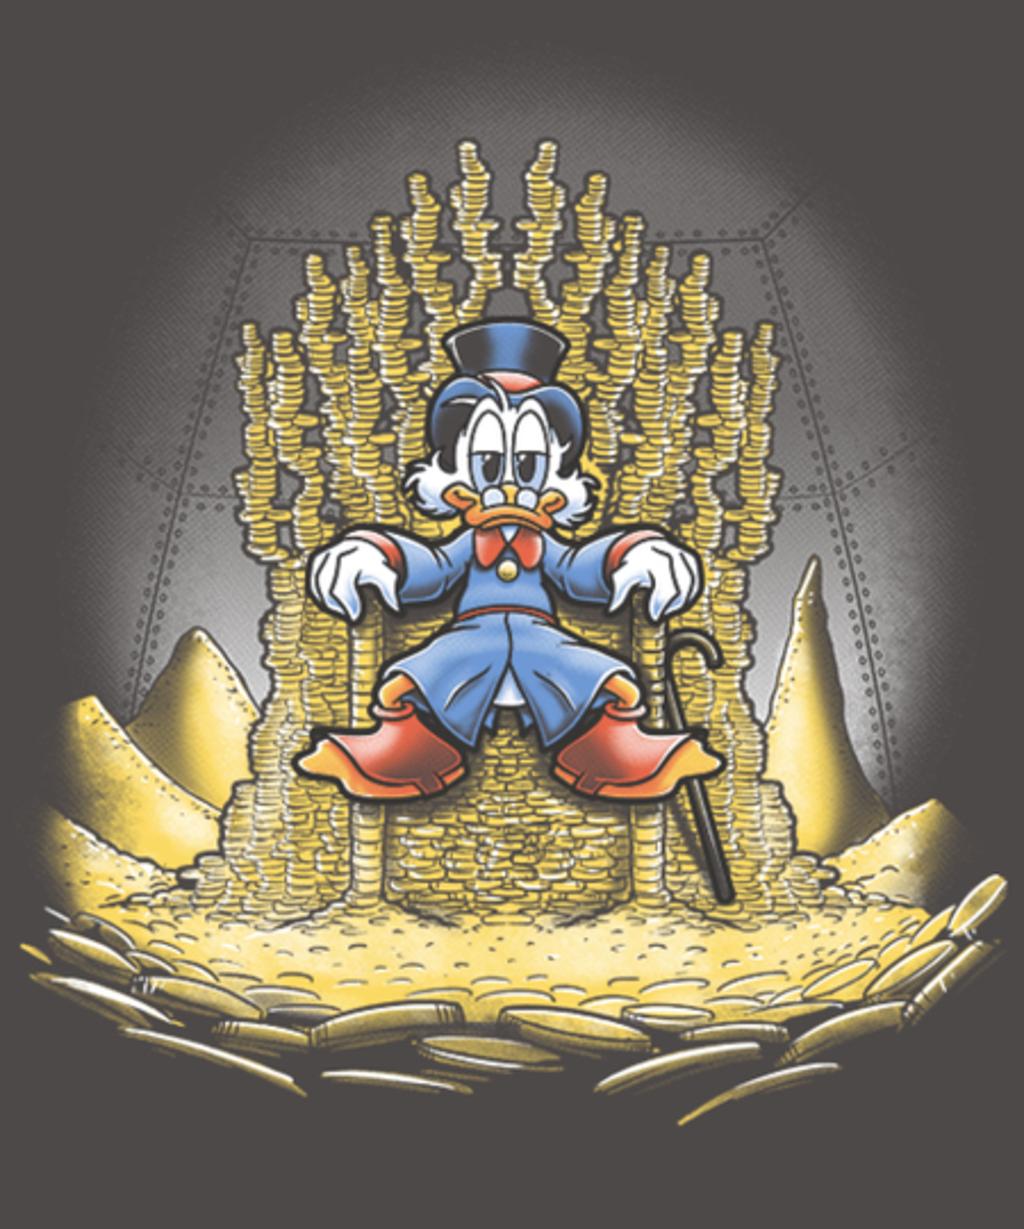 Qwertee: Gold throne